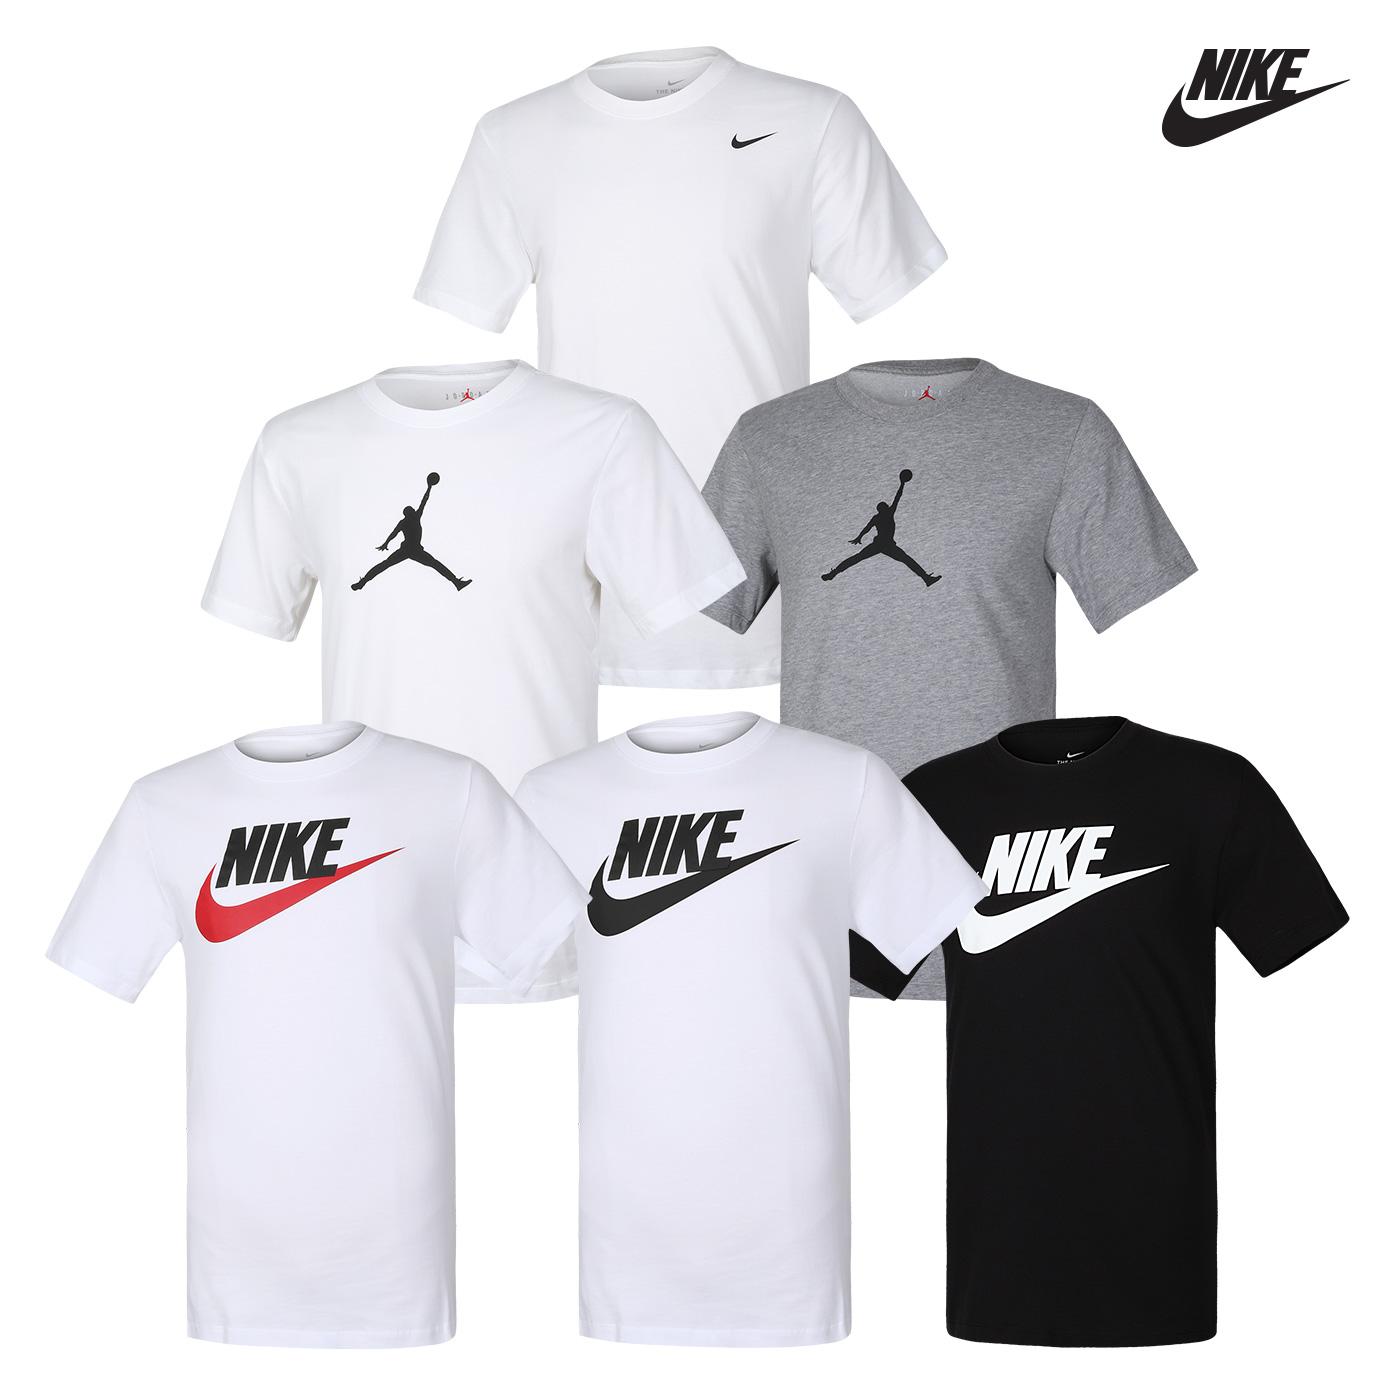 [국내배송]나이키 스우시 아이콘 퓨추라 반팔티셔츠 / 드라이 솔리드 크루넥 반팔 티셔츠 / 조던 아이콘 23/7 점프맨 티셔츠  6종택일